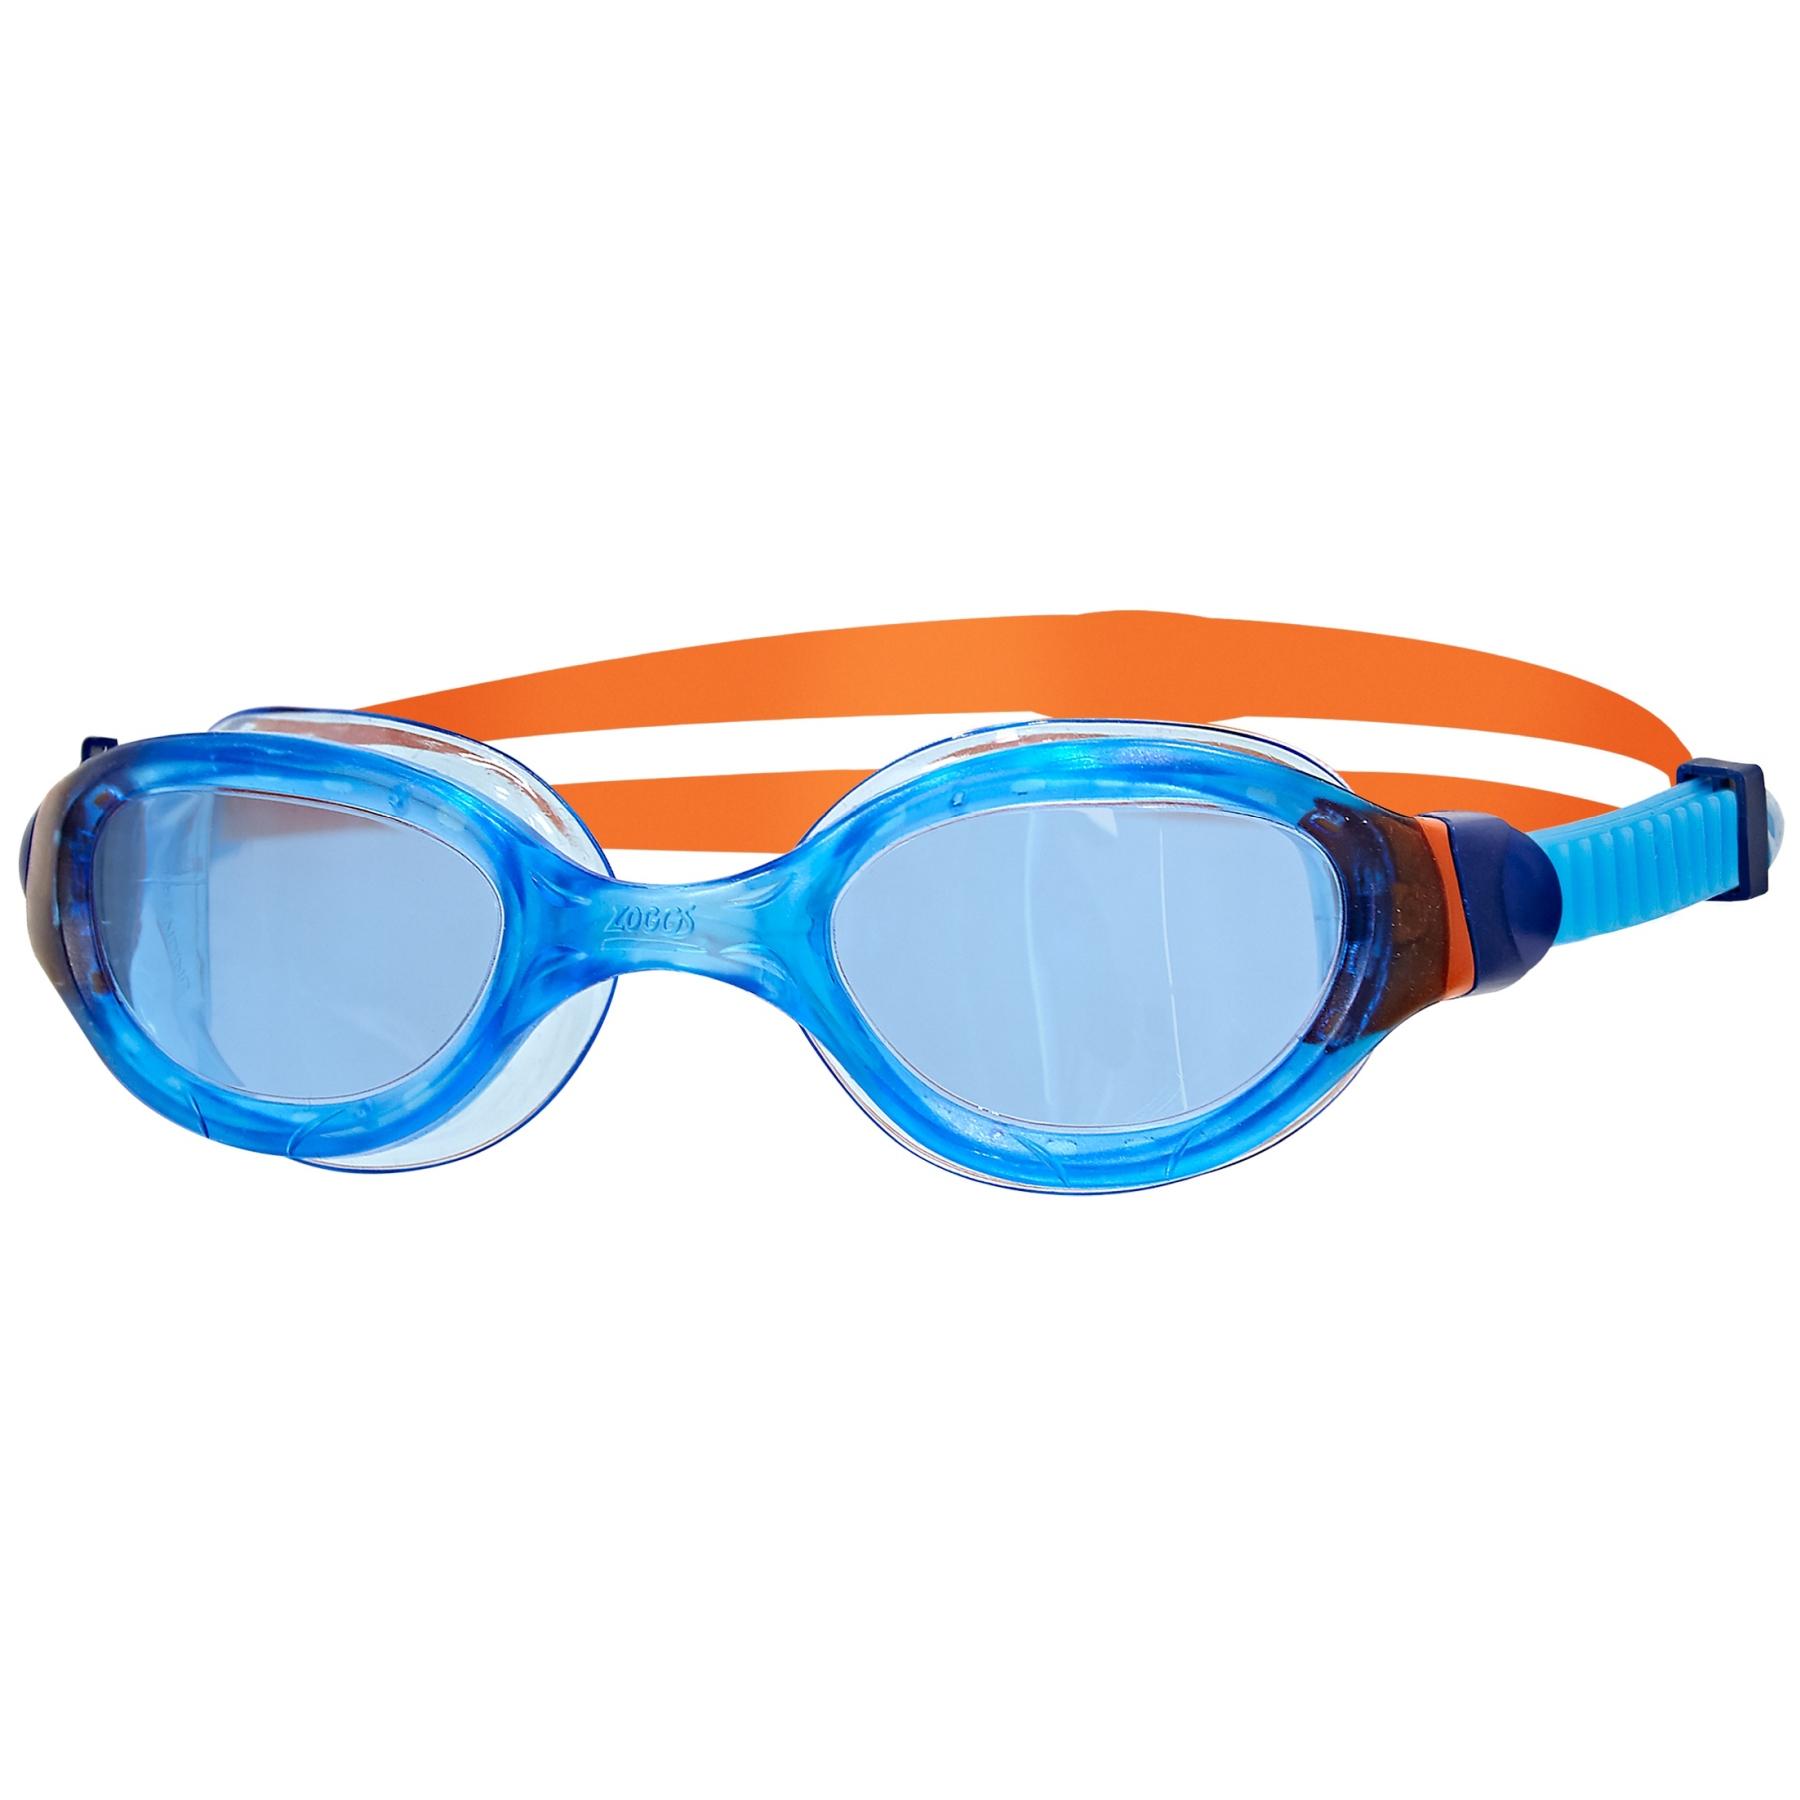 Zoggs Phantom 2.0 Junior Schwimmbrille - translucent blue/orange/tint